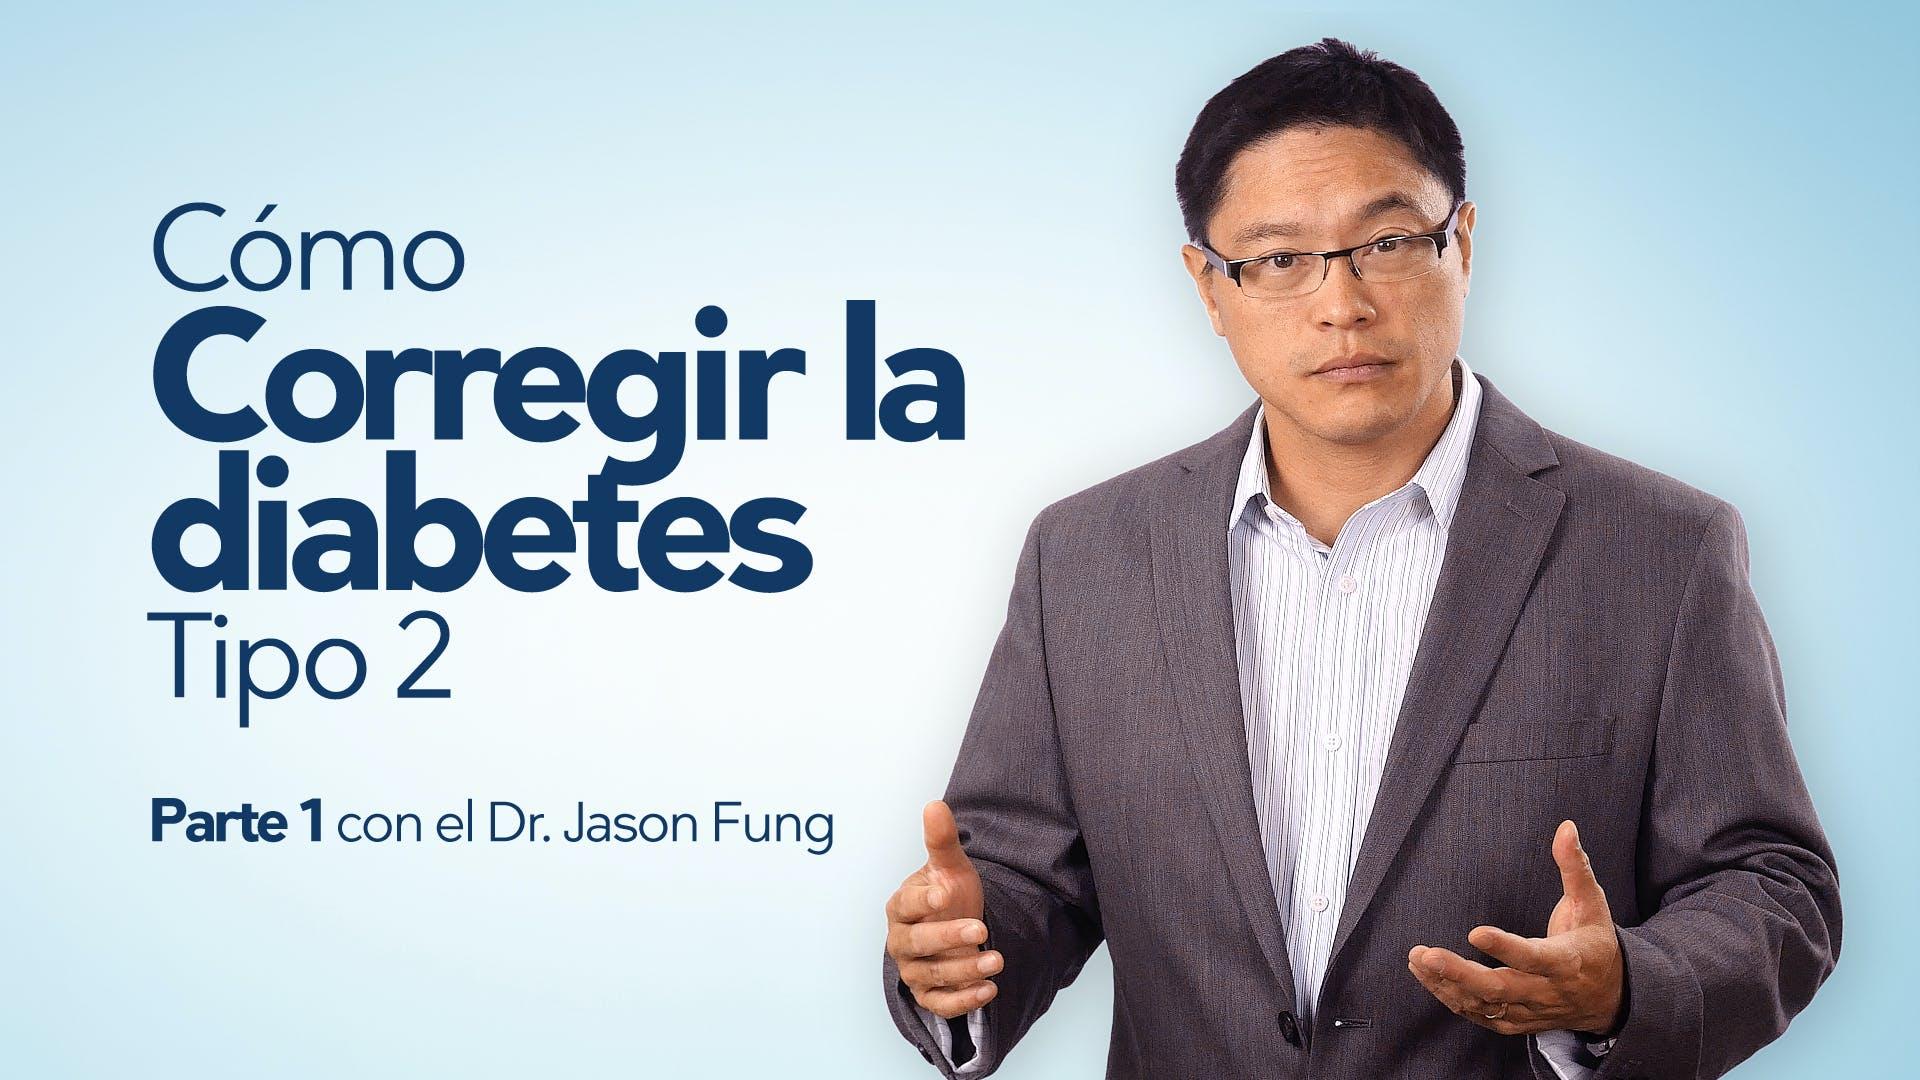 Cómo corregir la diabetes de tipo 2: Dr. Jason Fung